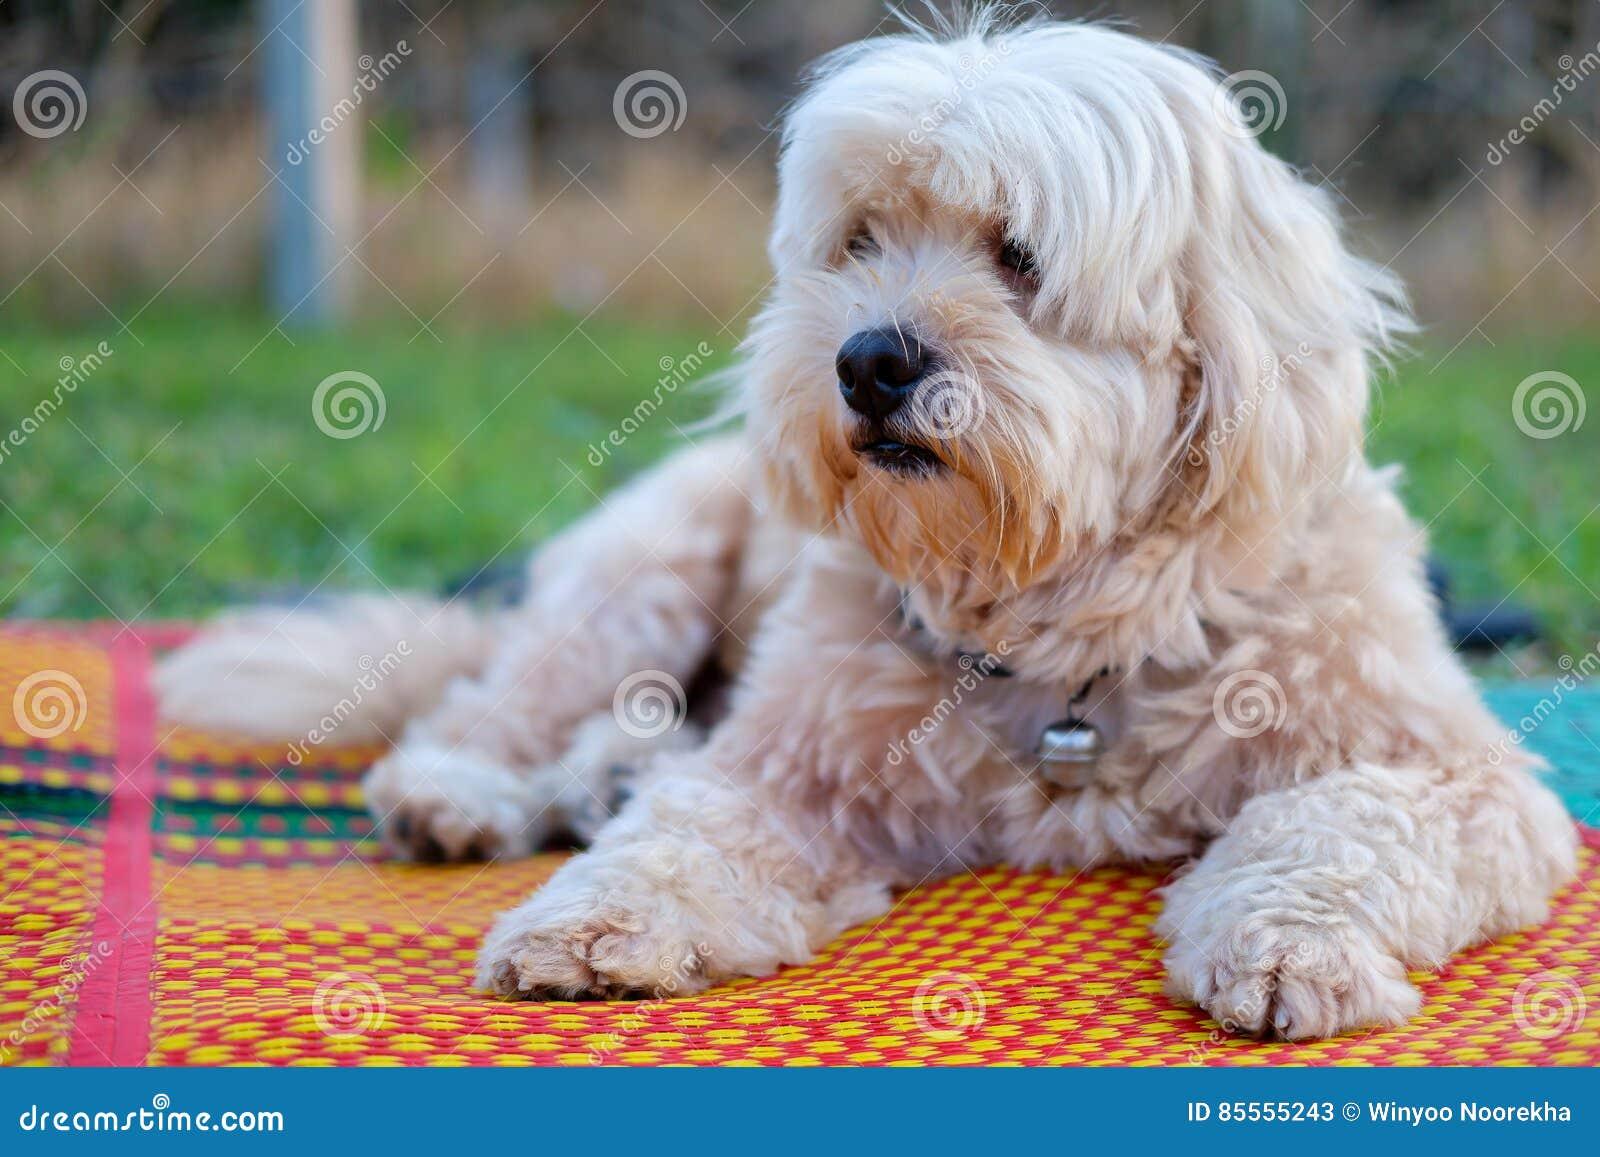 Hund auf der Matte